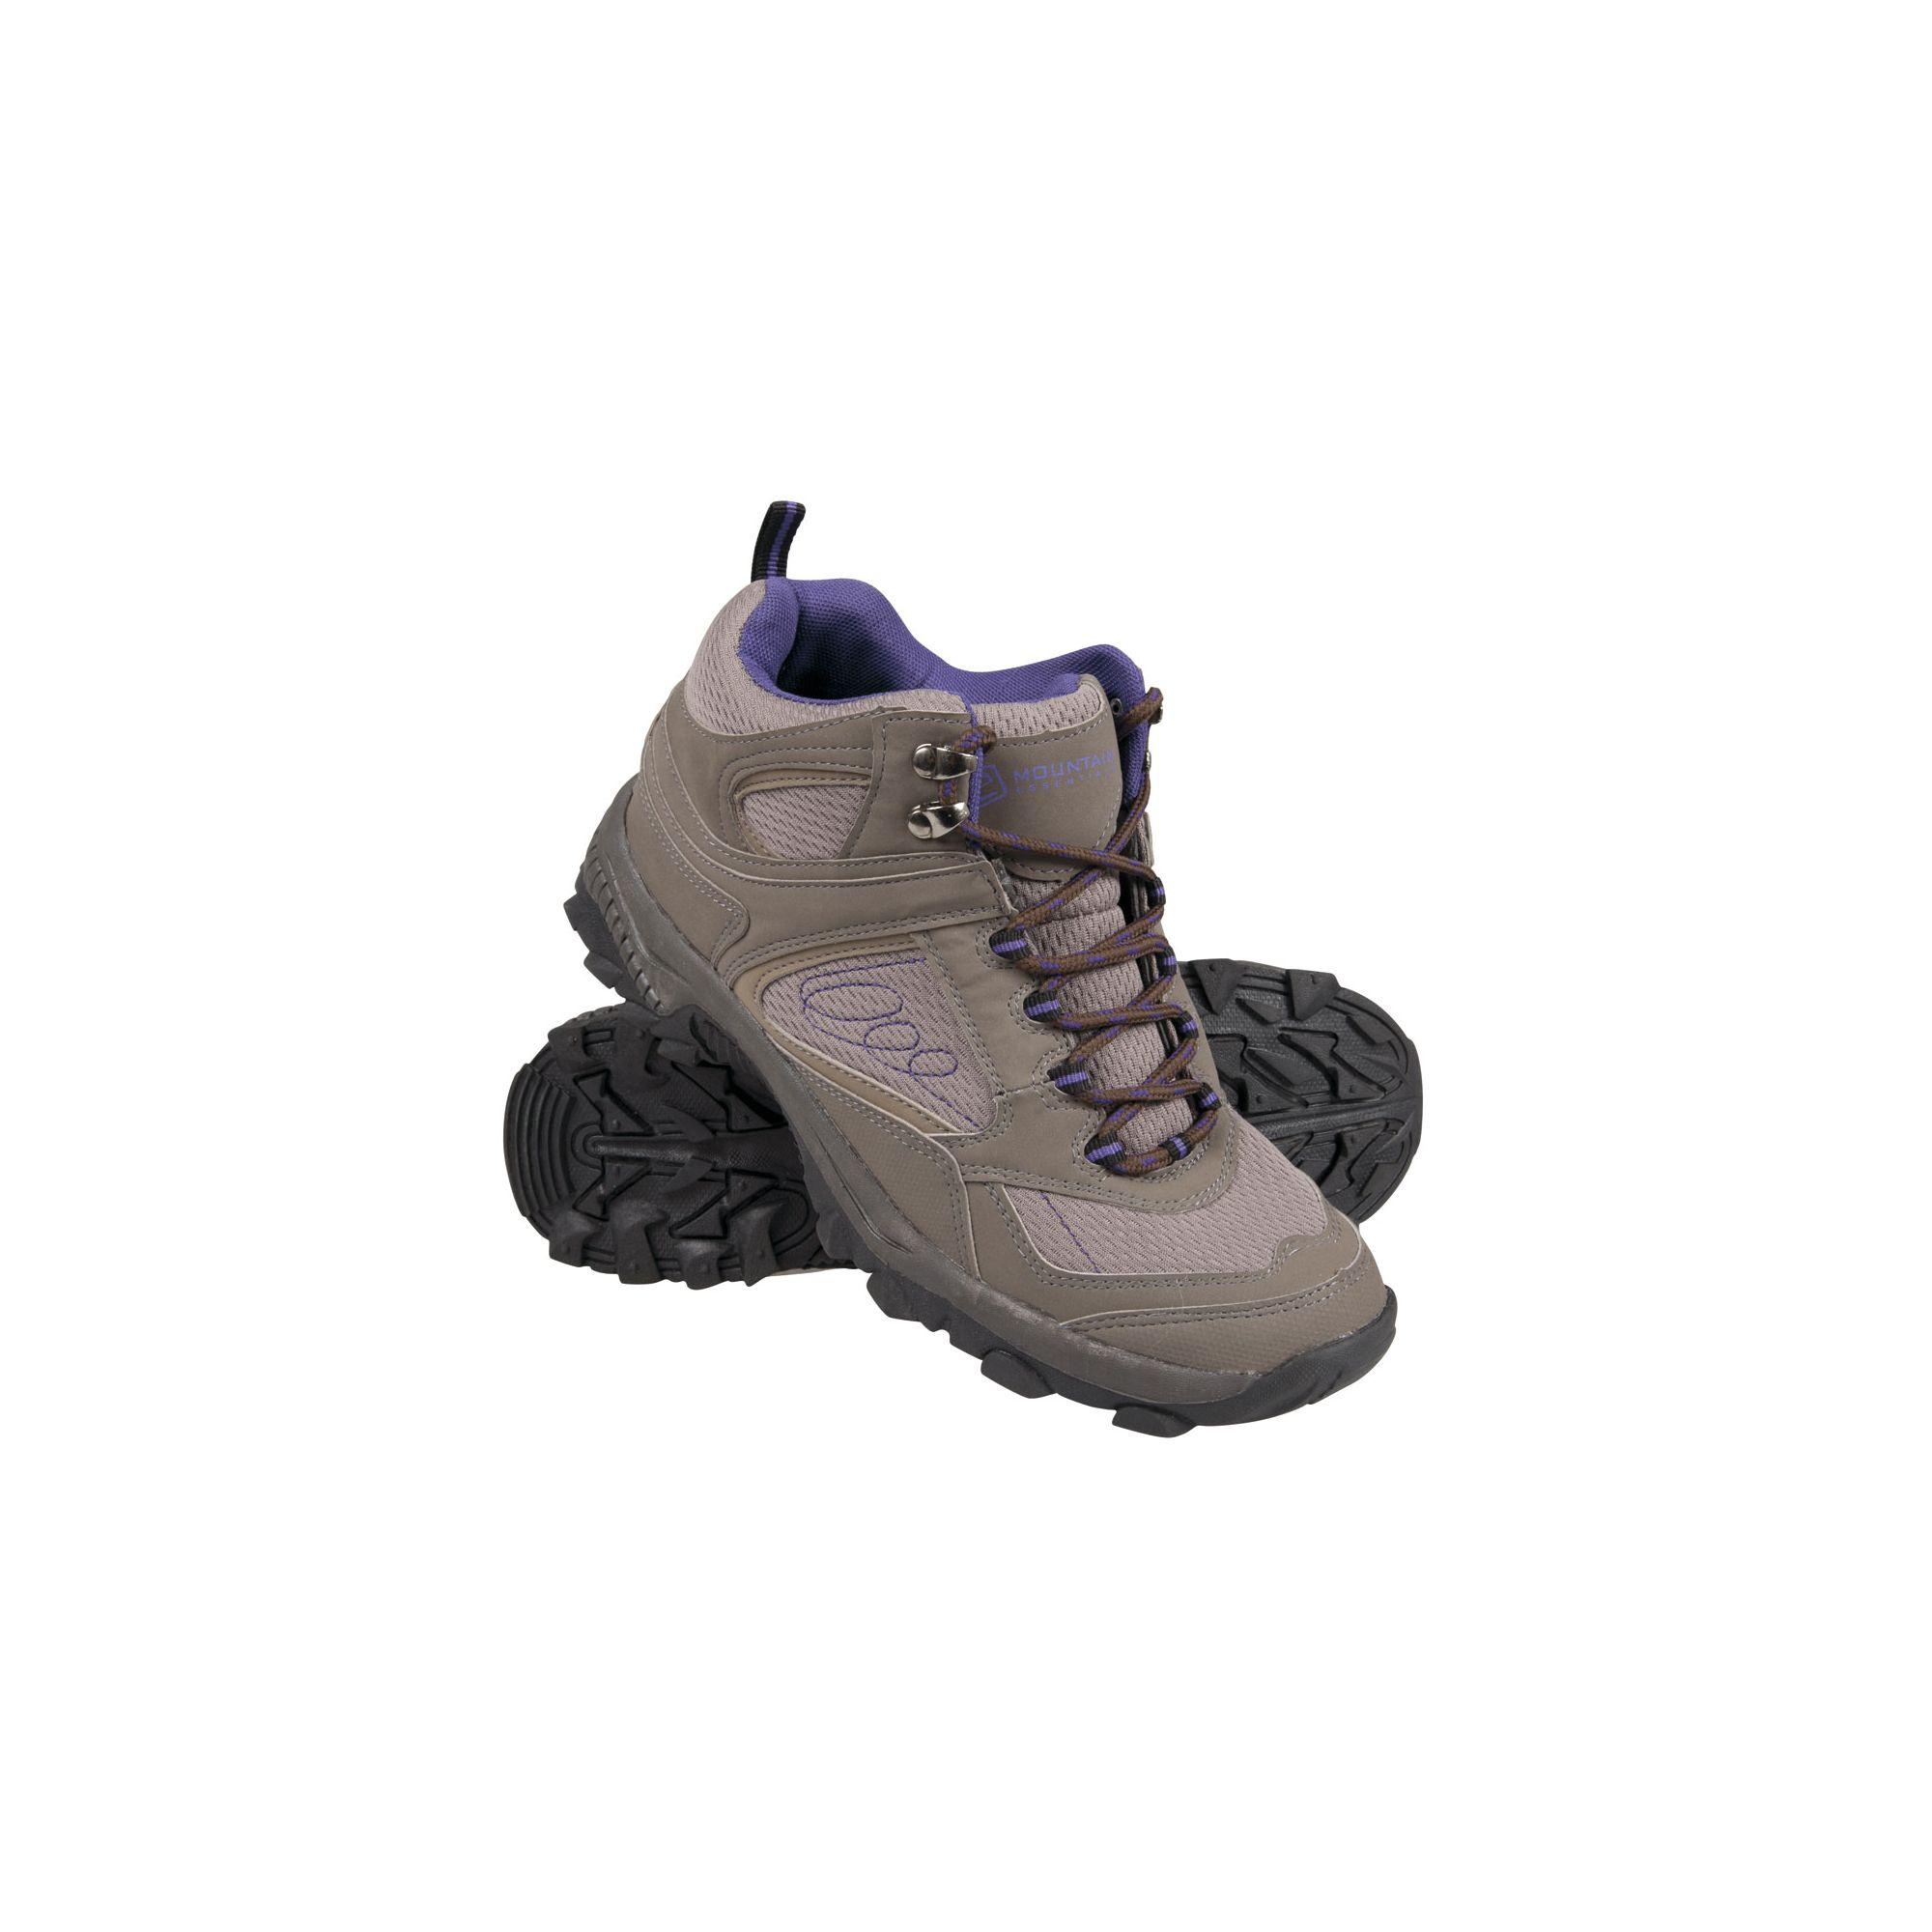 Tesco Walking Shoes